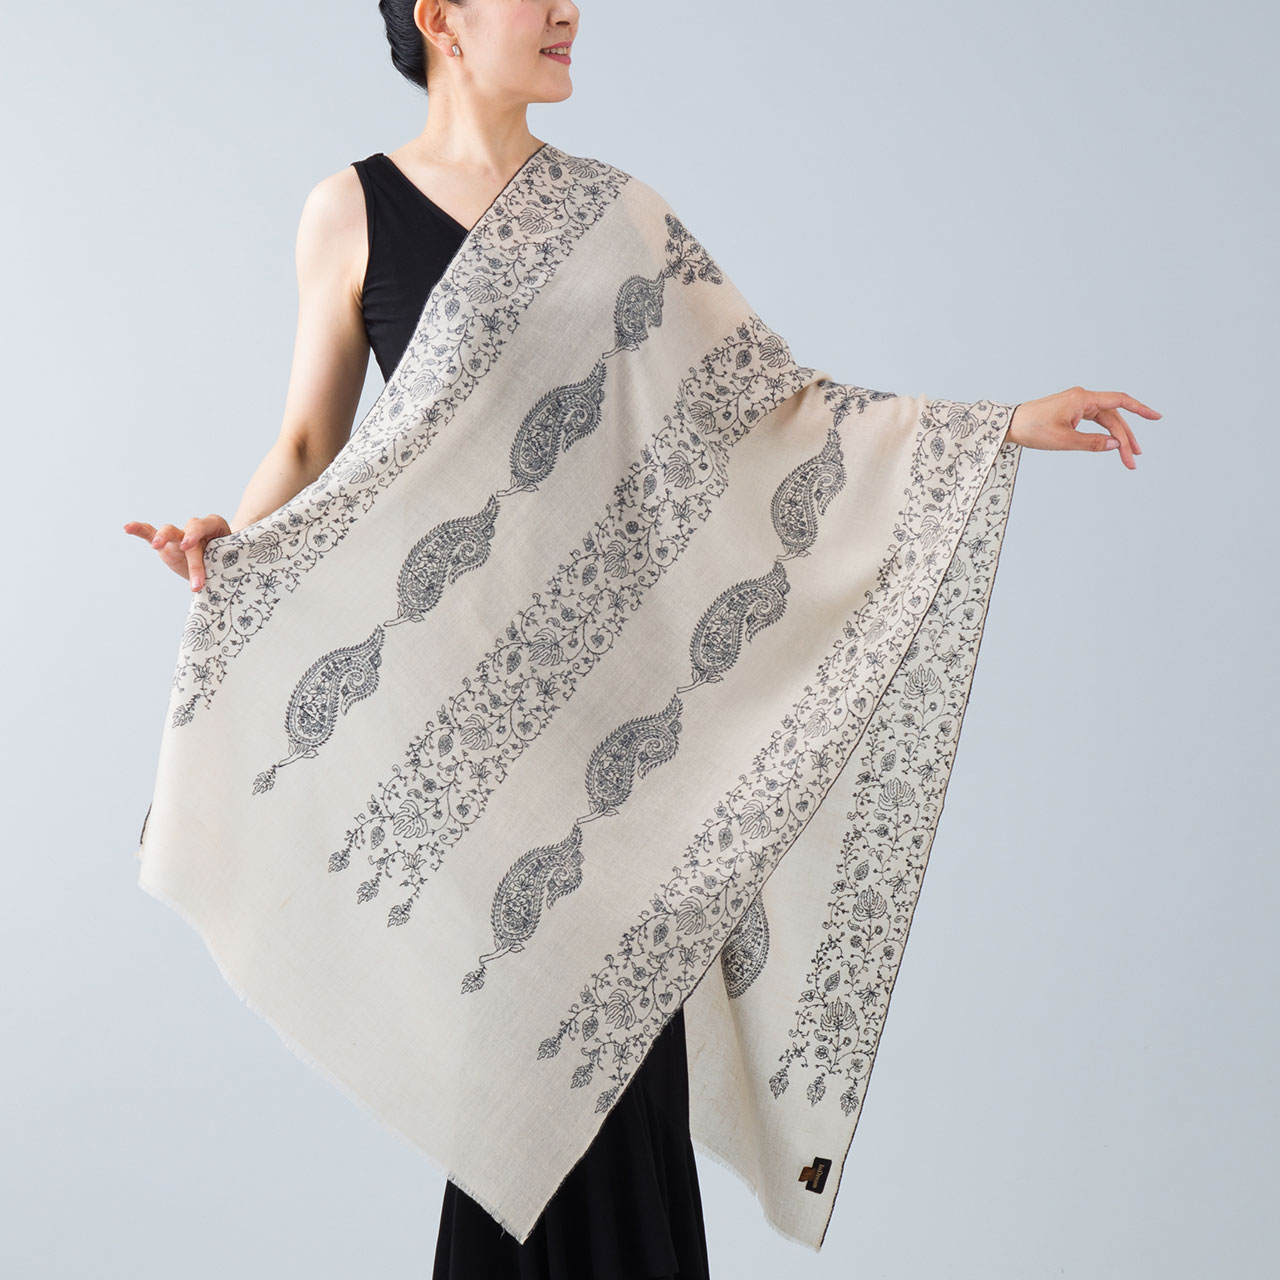 刺繍ストール パシュミナ ナチュラルベージュ [70cm巾] ベージュ04 パーティー 誕生日 プレゼント 秋冬